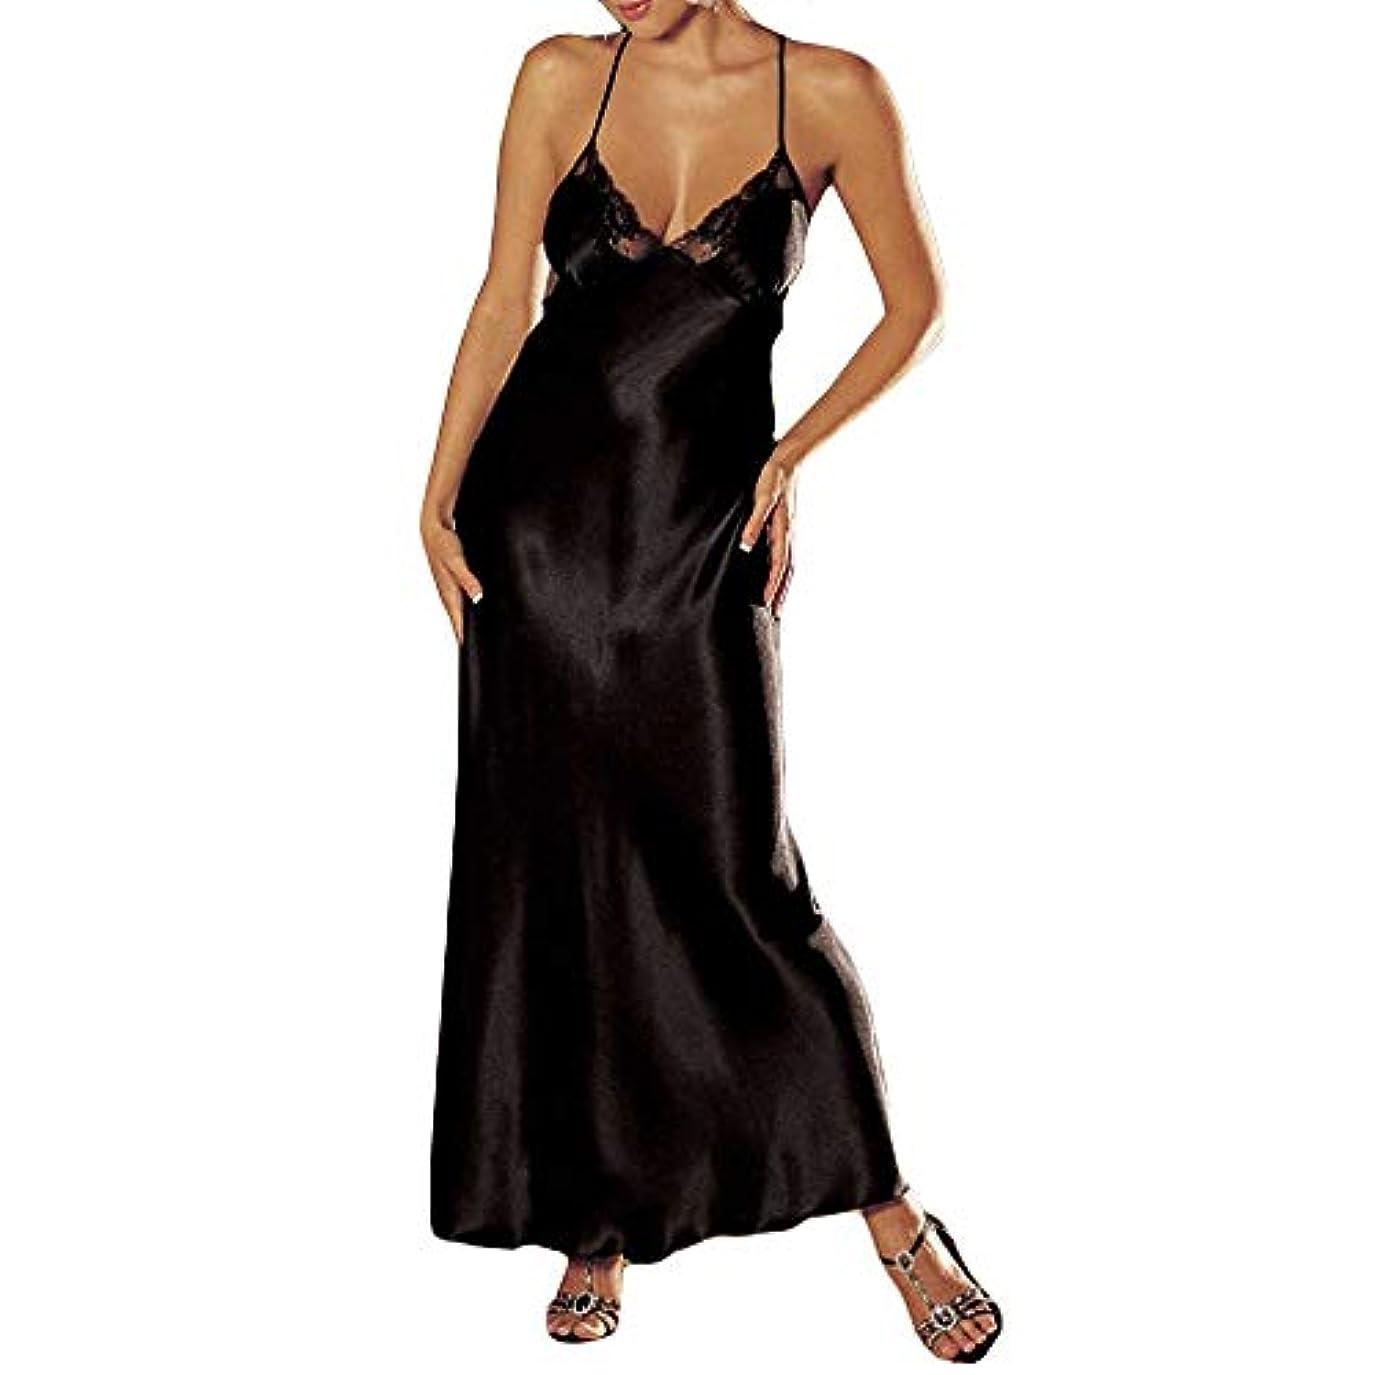 窓を洗う謝る死ぬ吊りドレス liqiuxiang ウーマン 快適 柔らかい ロングスカート 女性 エレガント 着心地 通気性抜群 パジャマ レディース 上下 花柄 ノースリーブ 高級 襦袢